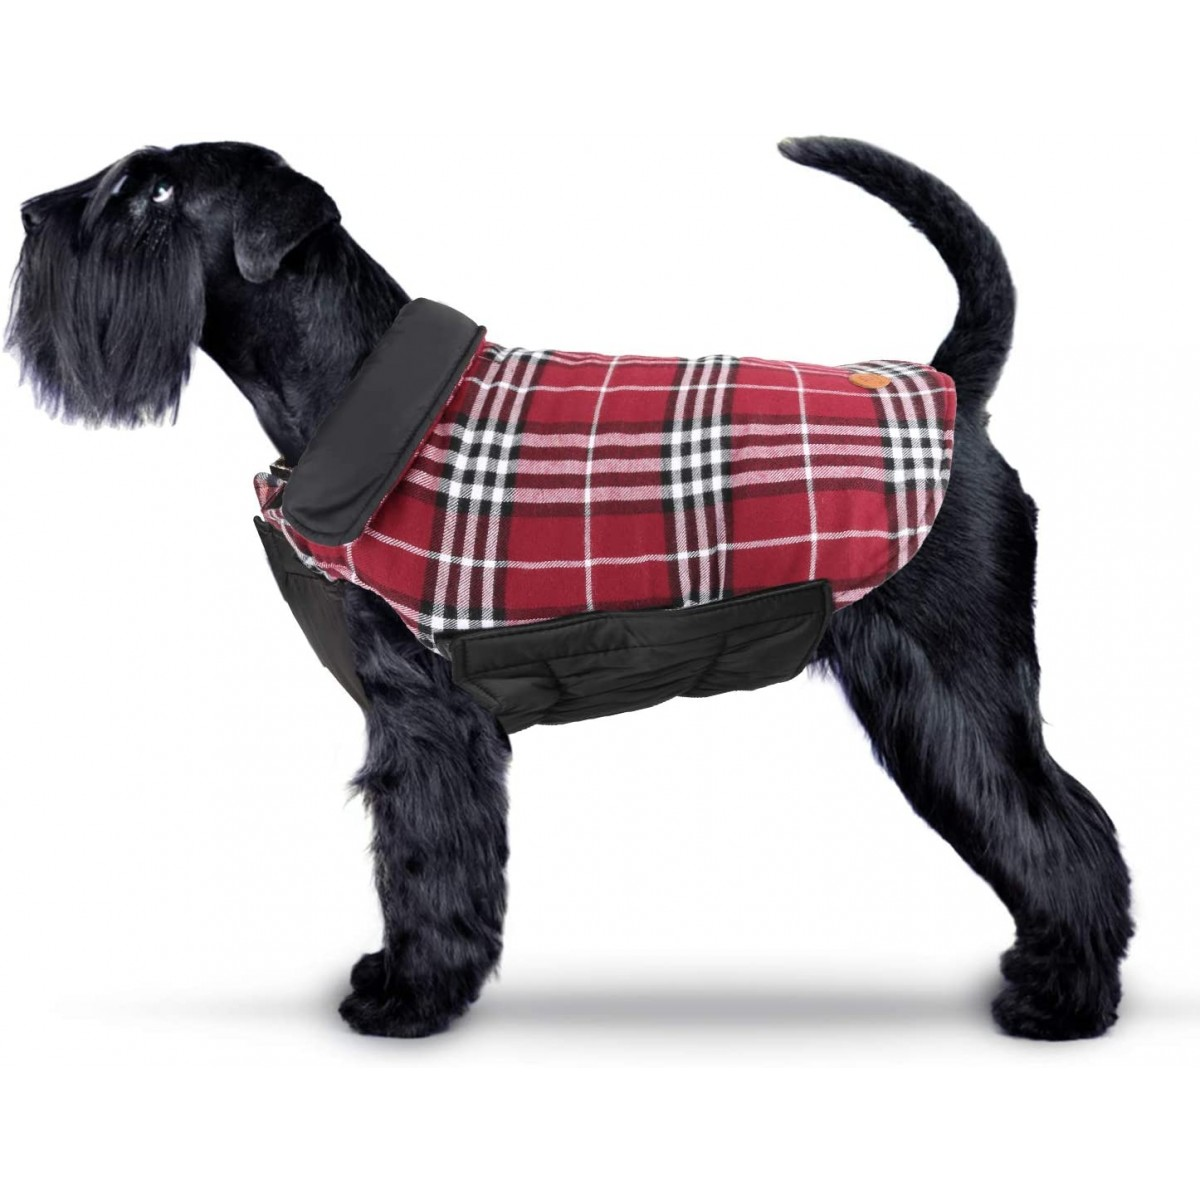 Cappotto Scozzese reversibile per cani, in plaid e cotone